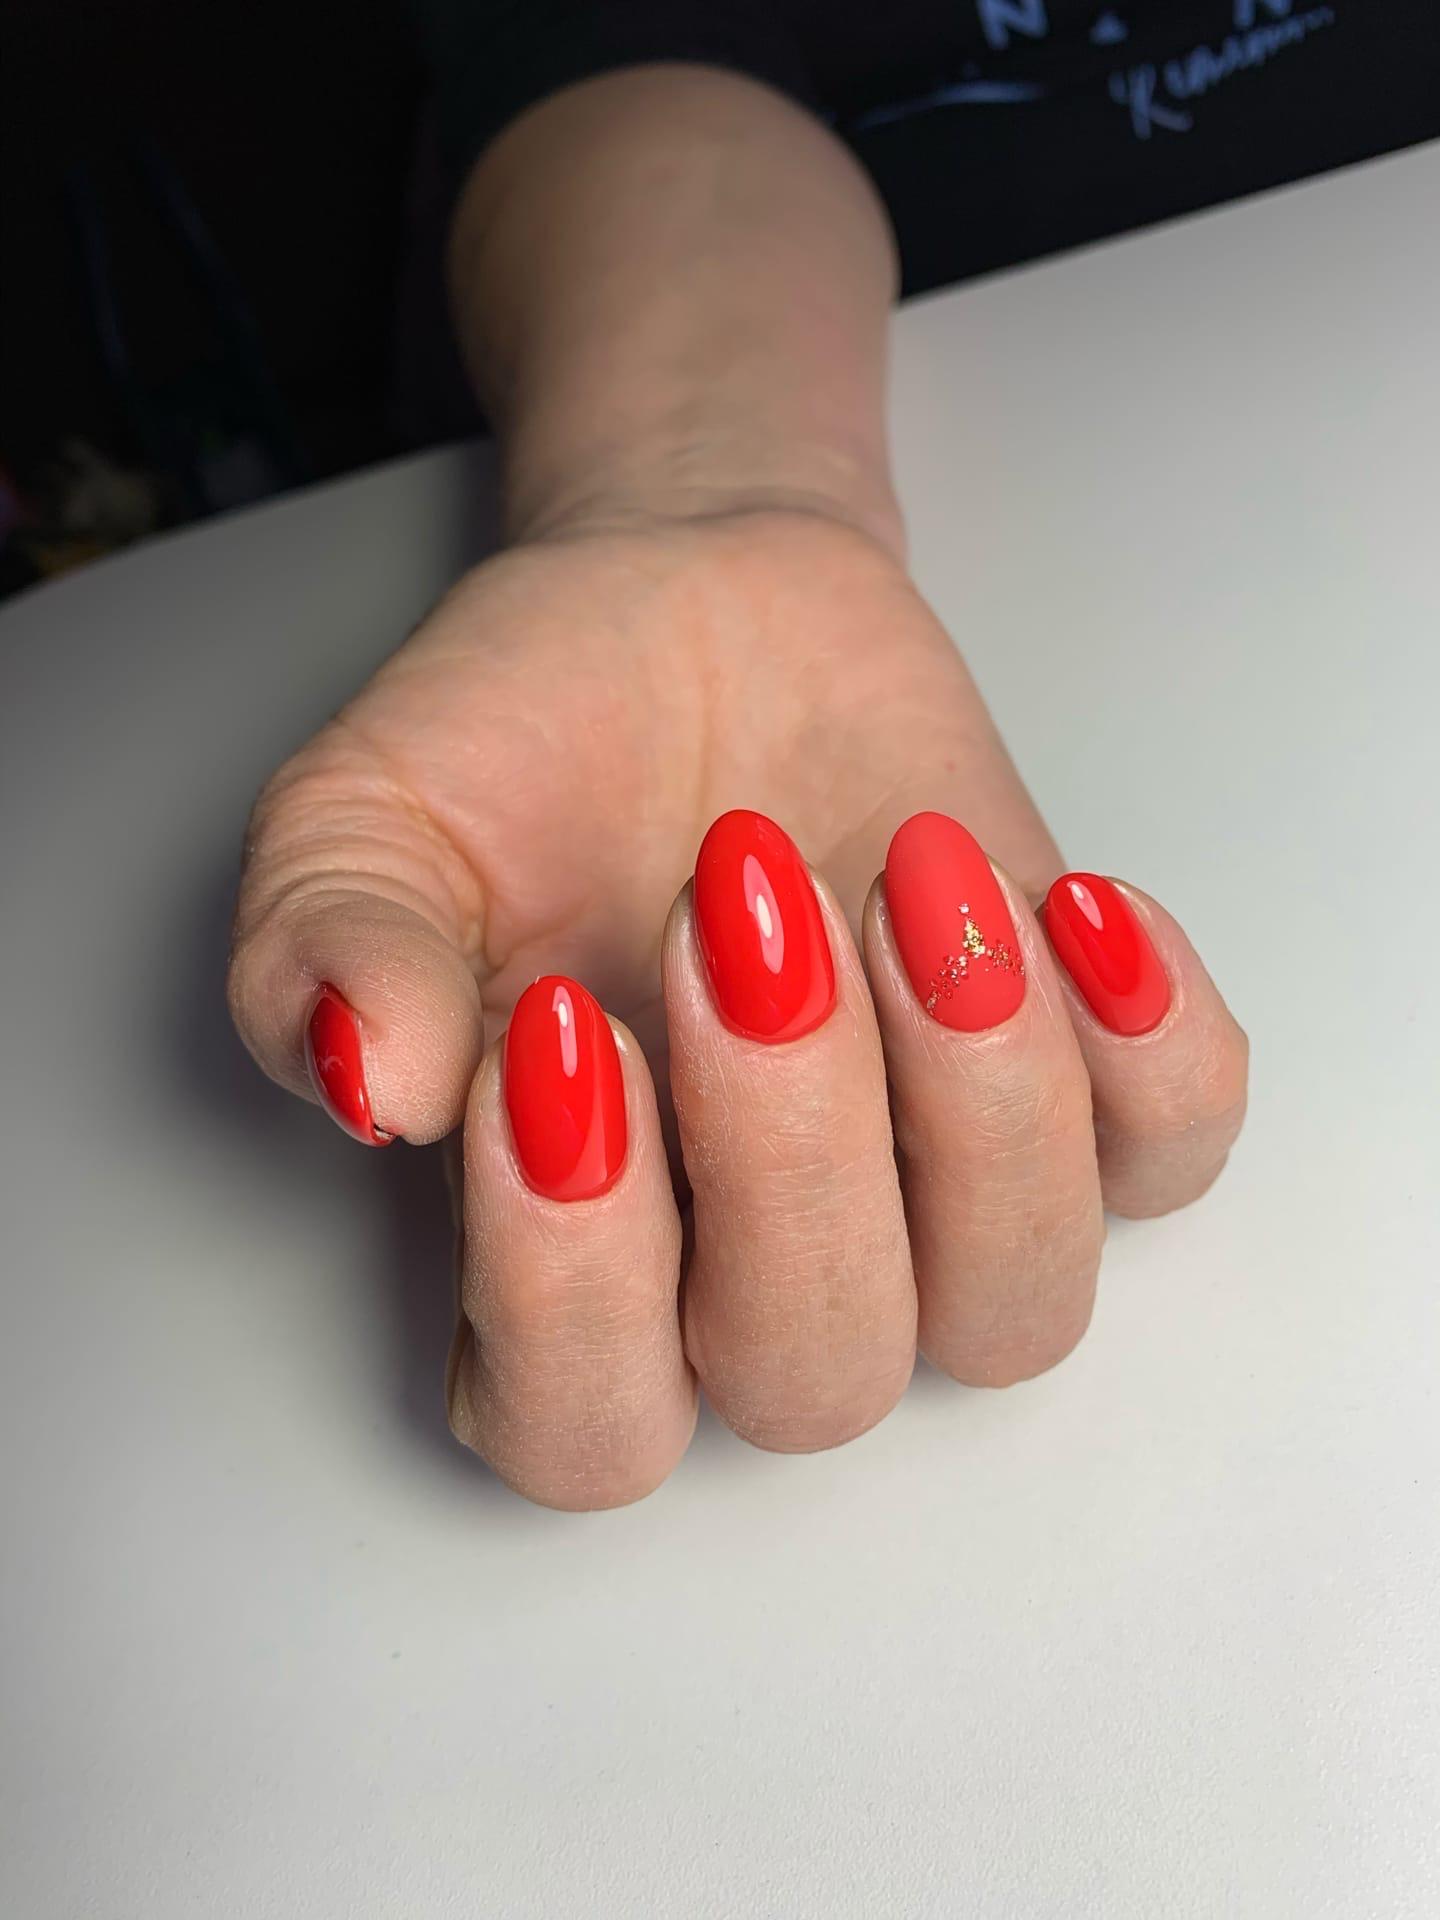 Маникюр с матовым дизайном в красном цвете на короткие ногти.